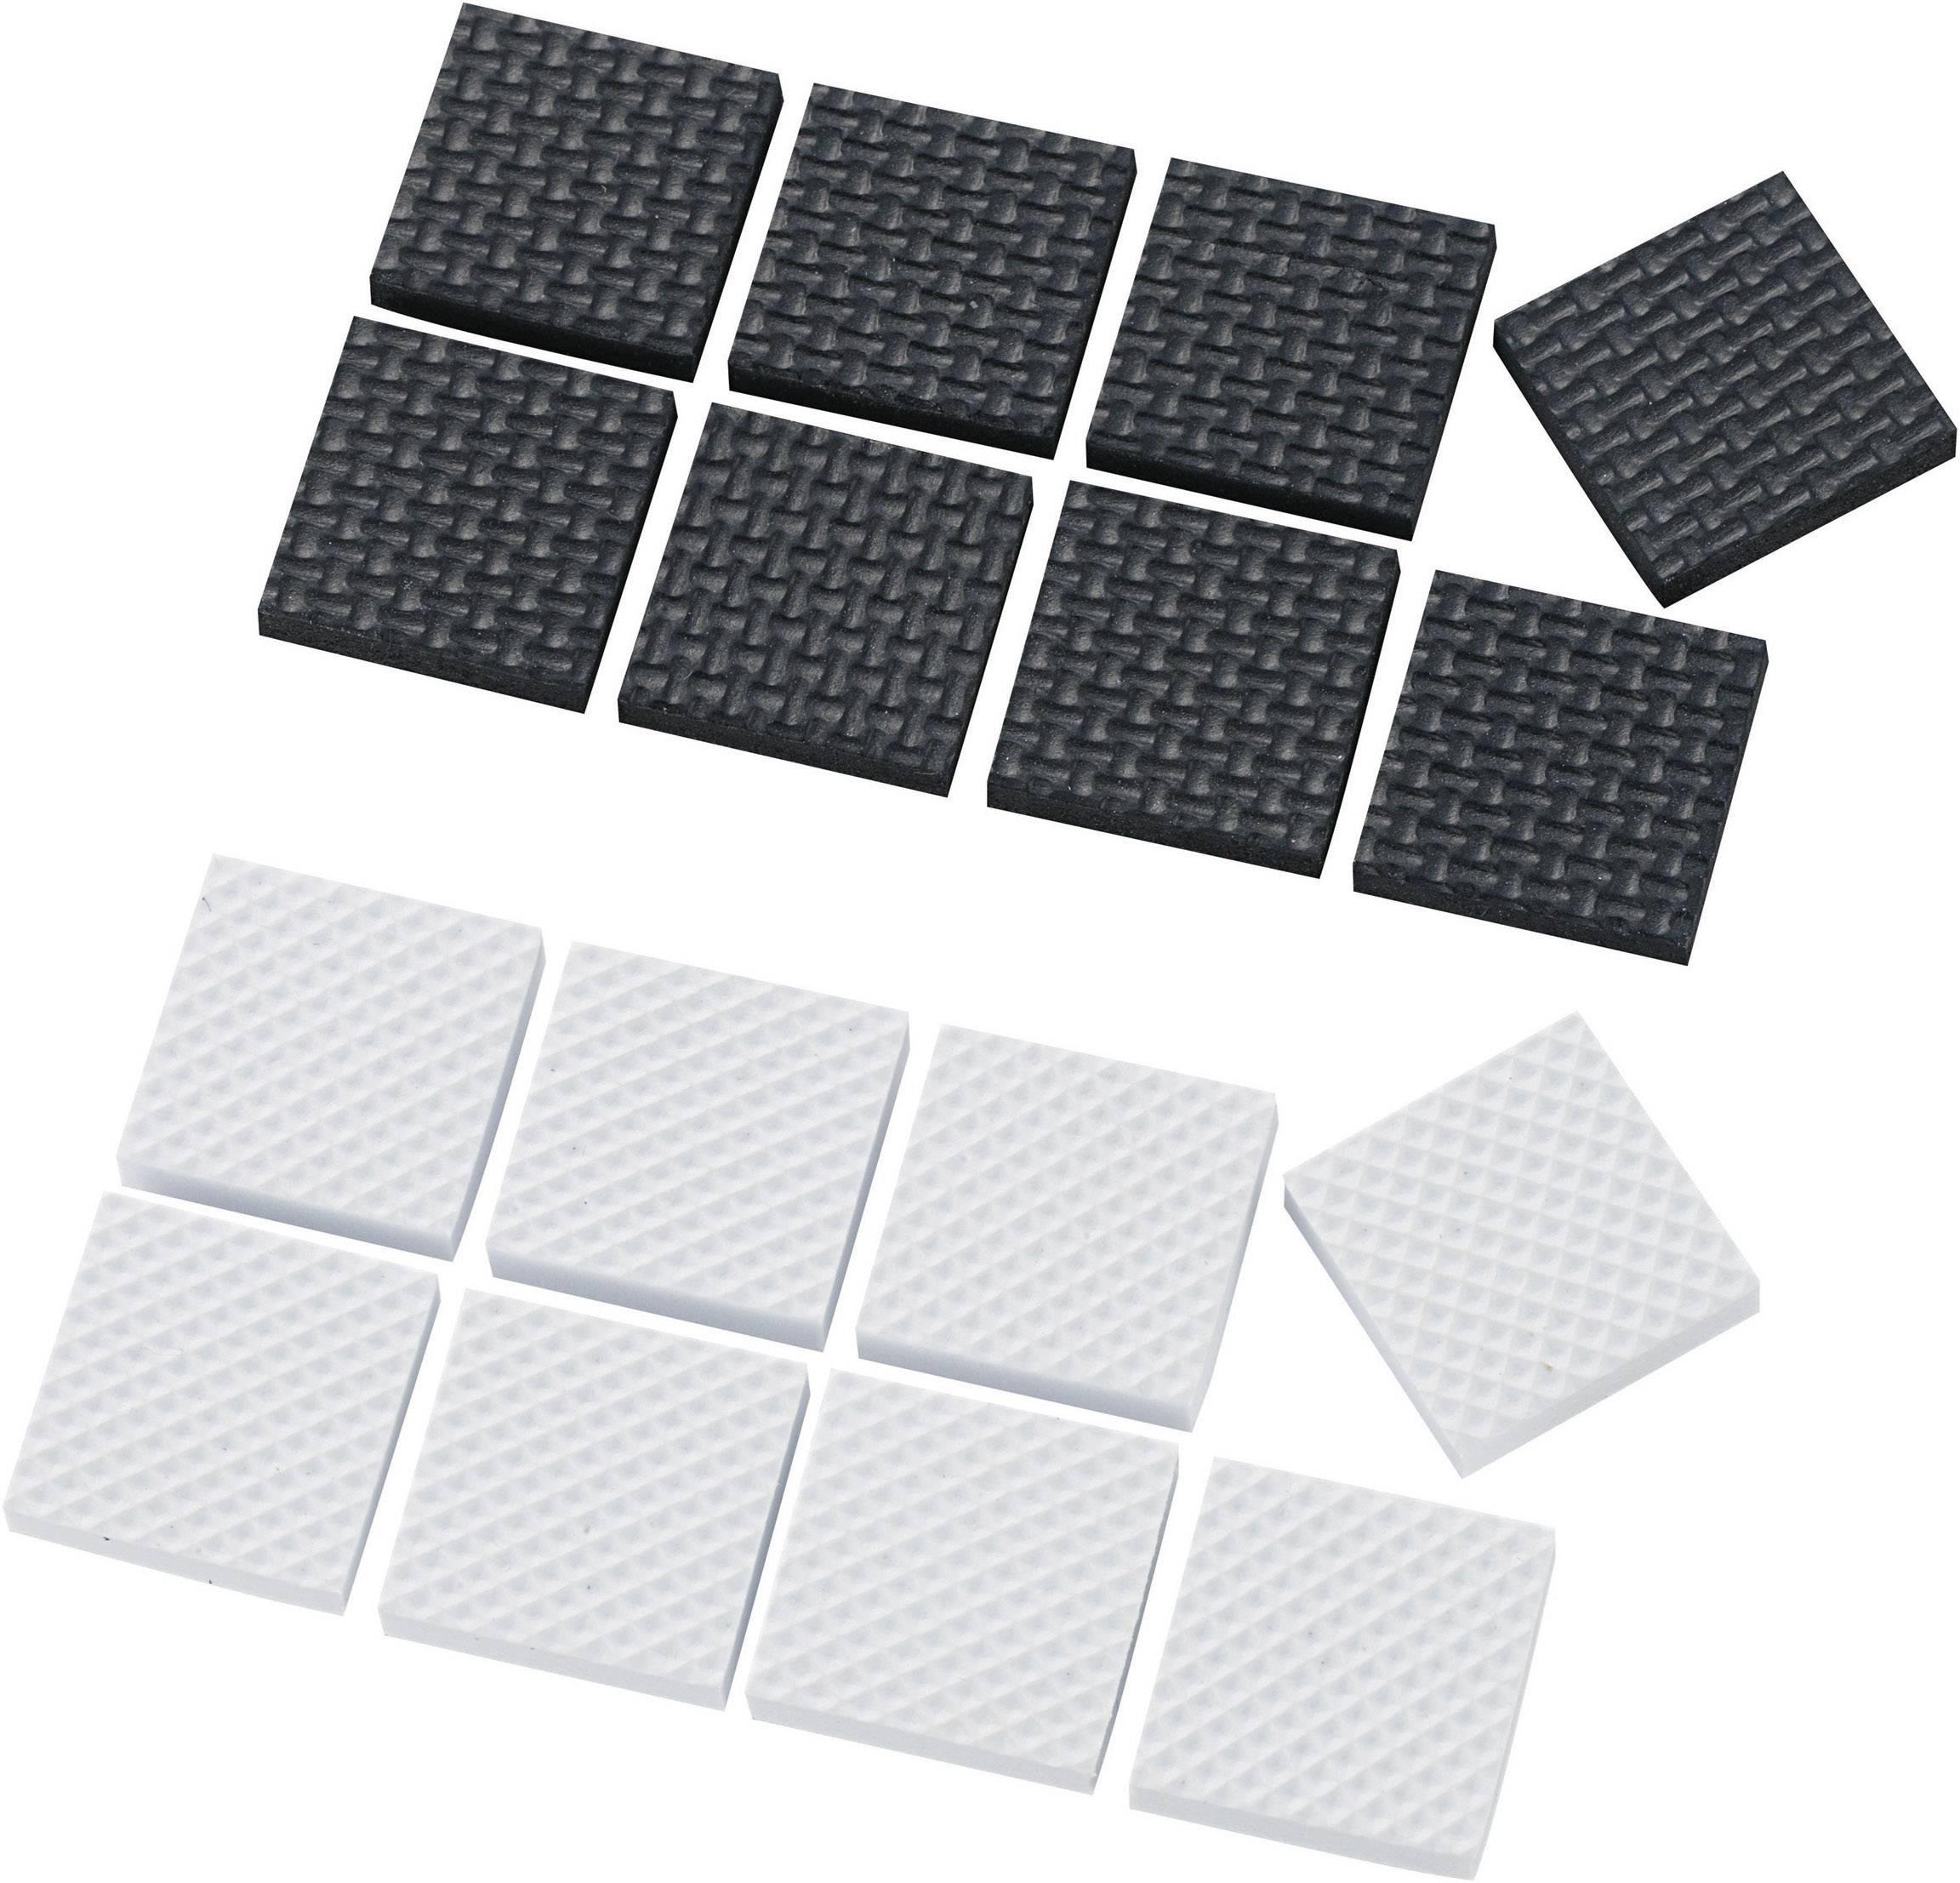 Podstavné nožičky prístrojové (d x š x v) 25 x 25 x 4 mm, biela, čierna, 16 ks